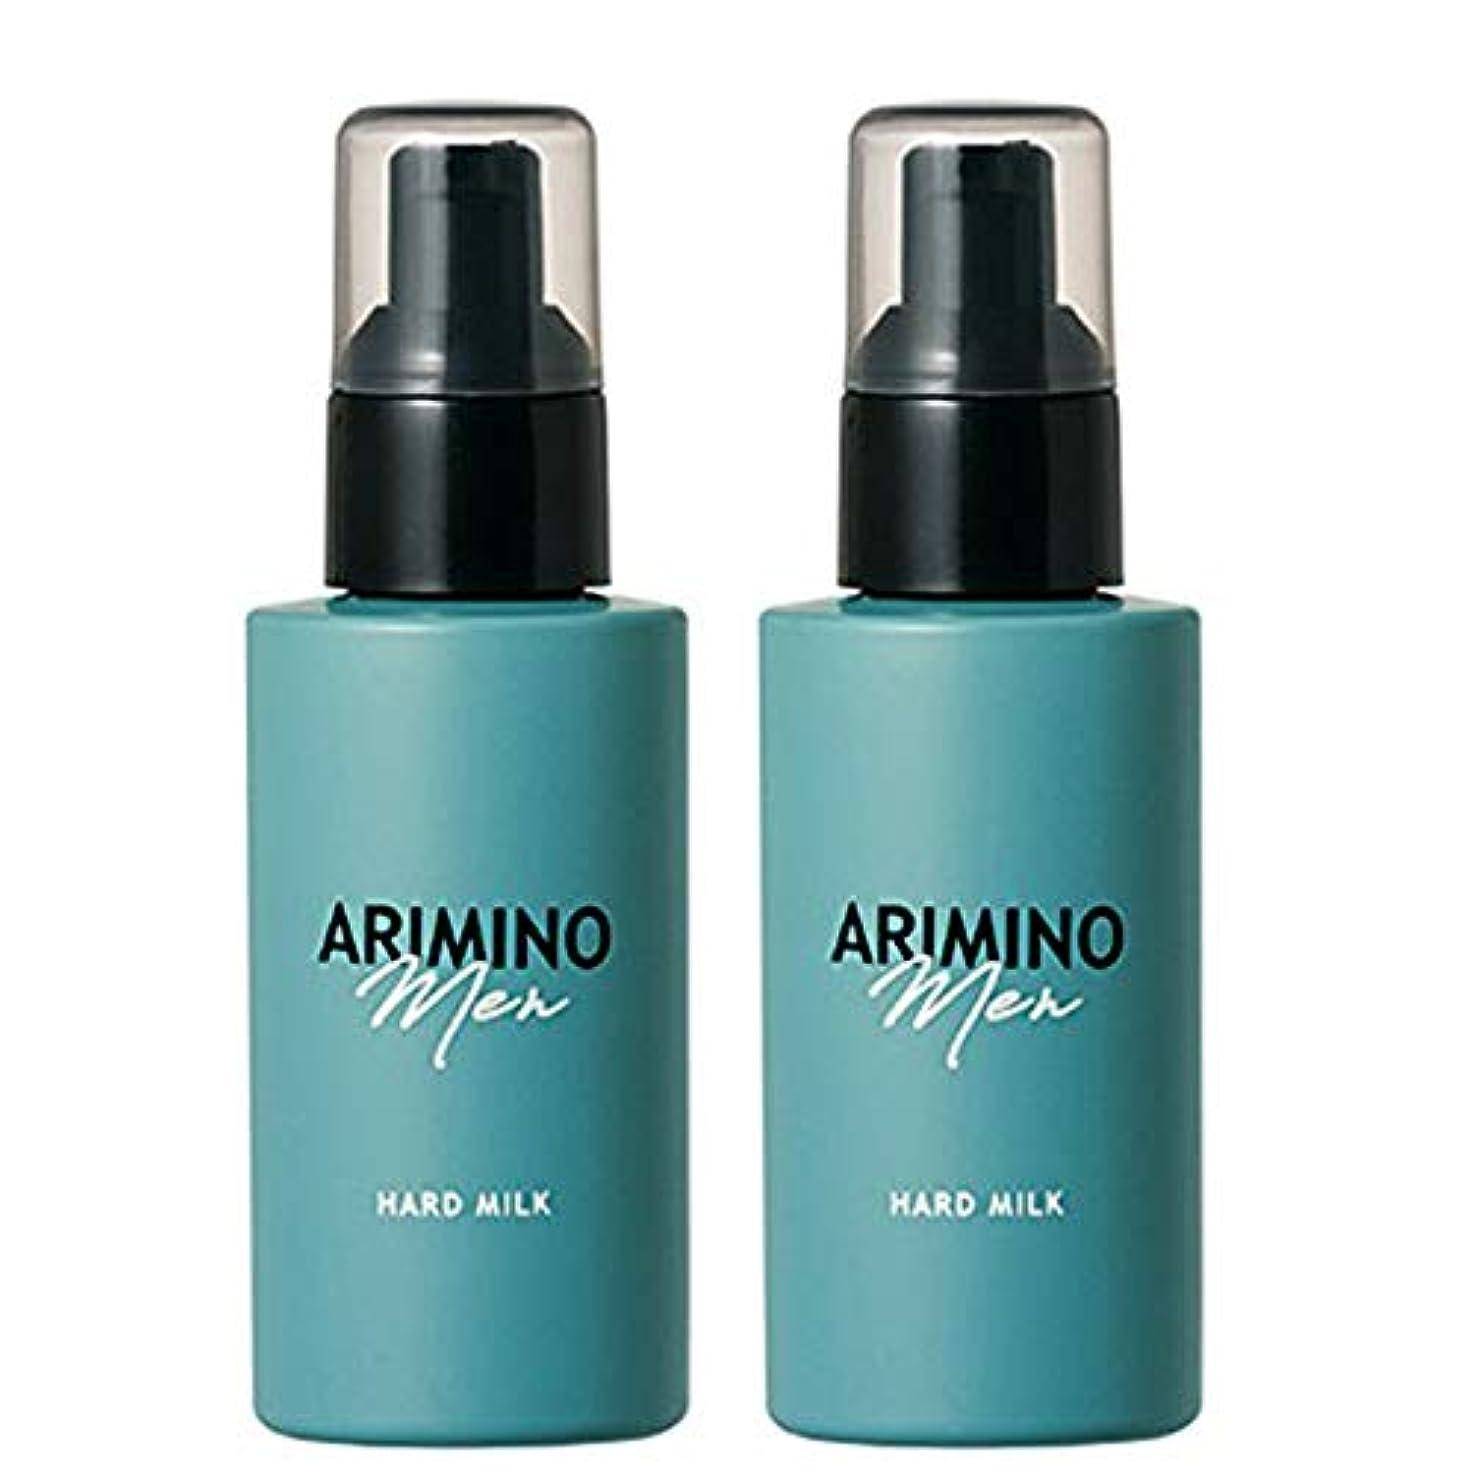 リファイン愛めったにアリミノ メン ハード ミルク 100g ×2個 セット arimino men